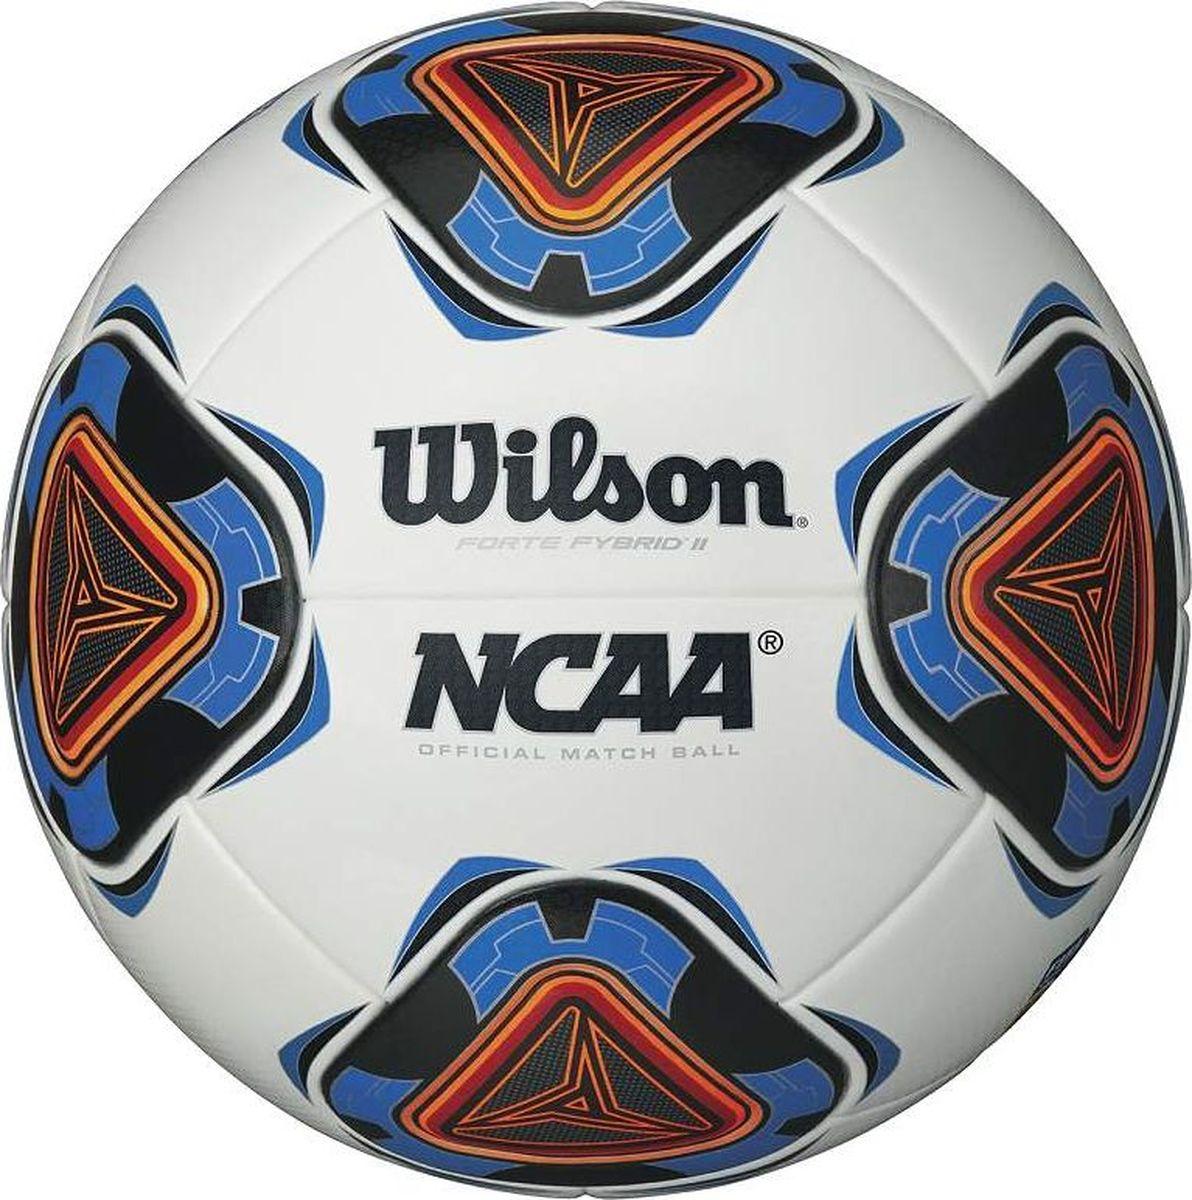 Мяч футбольный Wilson NCAA Mini Forte II WHB, цвет: синий. Размер: 5WTE9901XBЭтот мини мяч, предназначенный для официальных матчей чемпионата Forte FYbrid II NCAA. Он не просто милый и симпатичный, но и один из самых популярных мячей, используемых на тренировках крученых мячей.